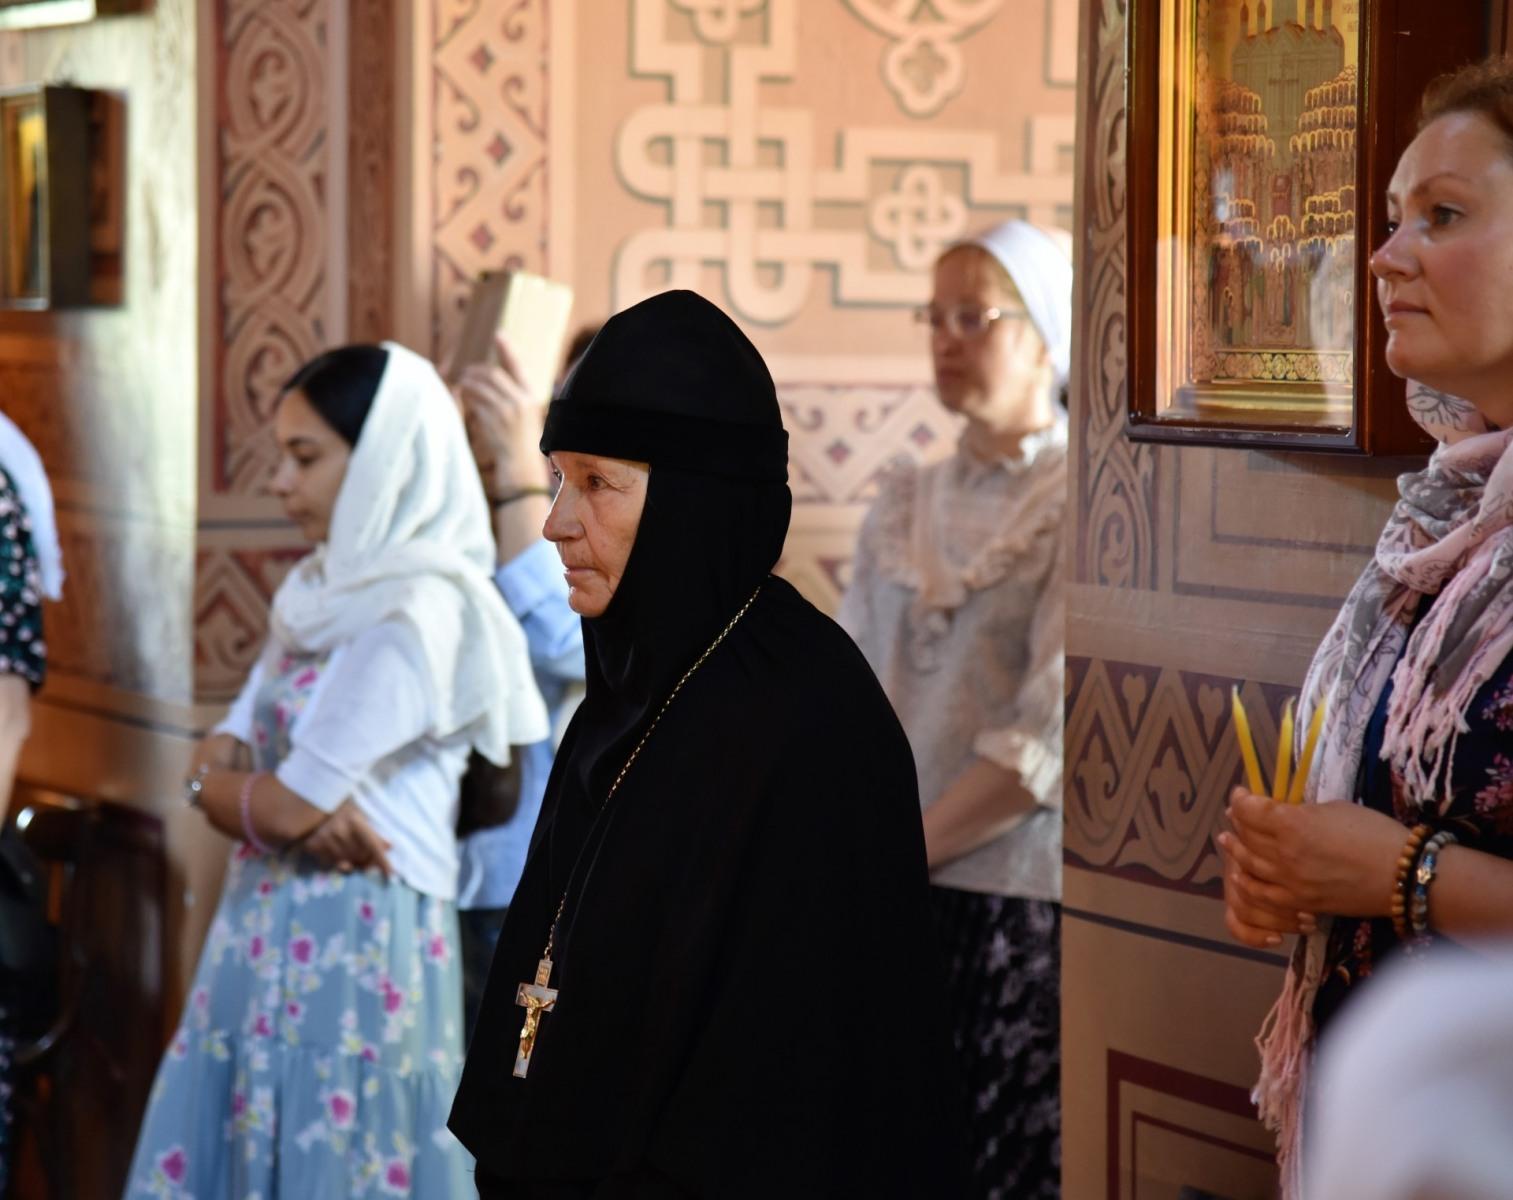 Монастырь равноапостольной Марии Магдалины. Божественная Литургия.